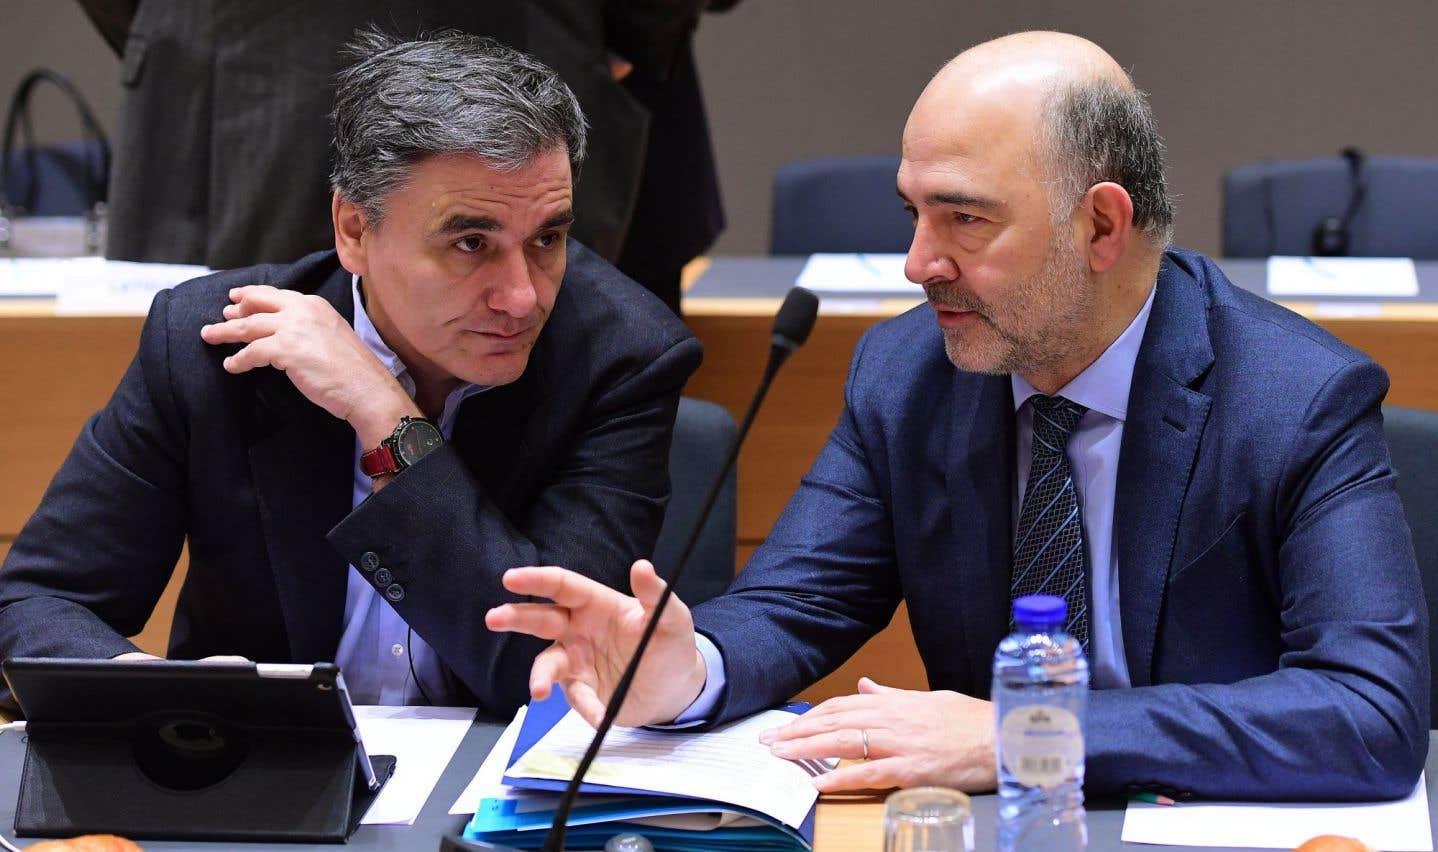 La Grèce entrevoit la «lumière au bout de l'austérité»